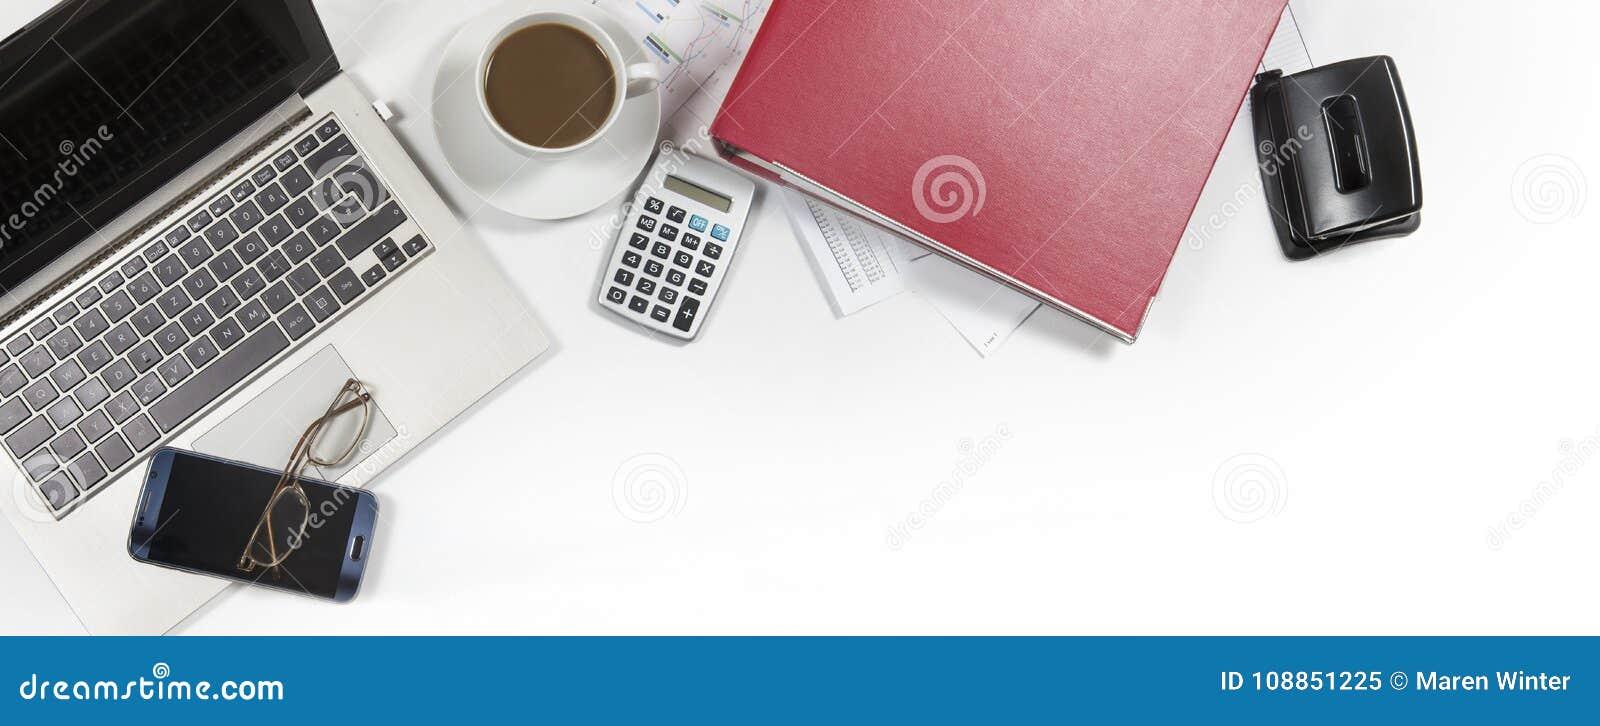 Bureau blanc avec l ordinateur portable, dossier, calculatrice, café, verre